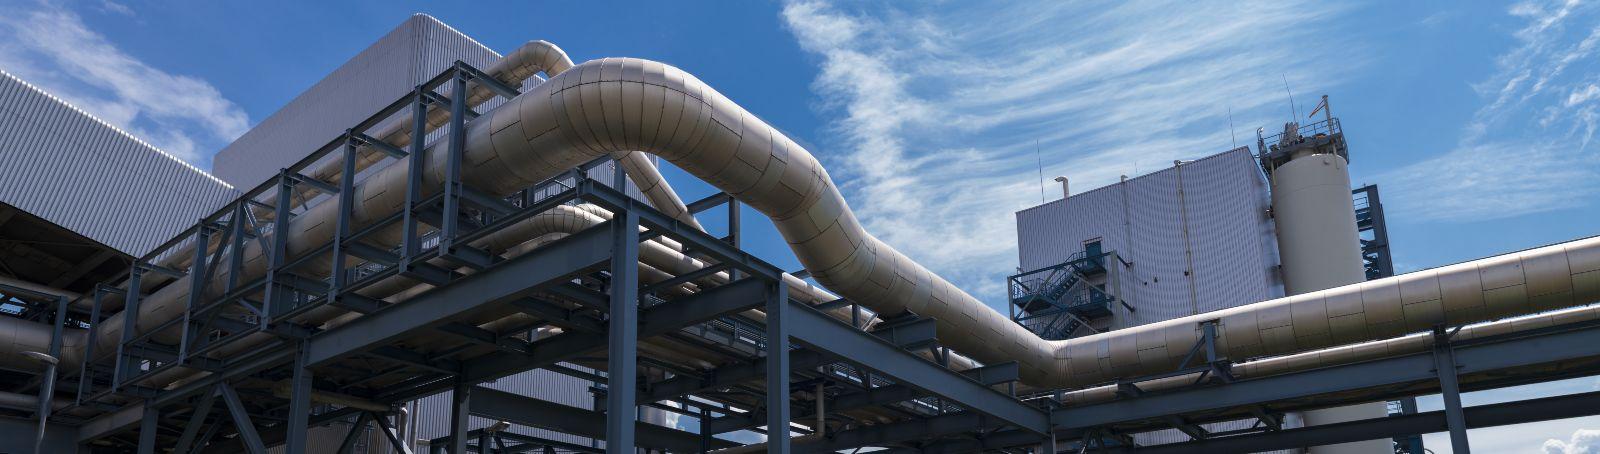 Viele Fernwärmenetze laufen heute noch auf hohen Temperaturen. Für den Betrieb mit erneuerbarer Wärme sind Niedertemperatur-Konzepte gefragt.